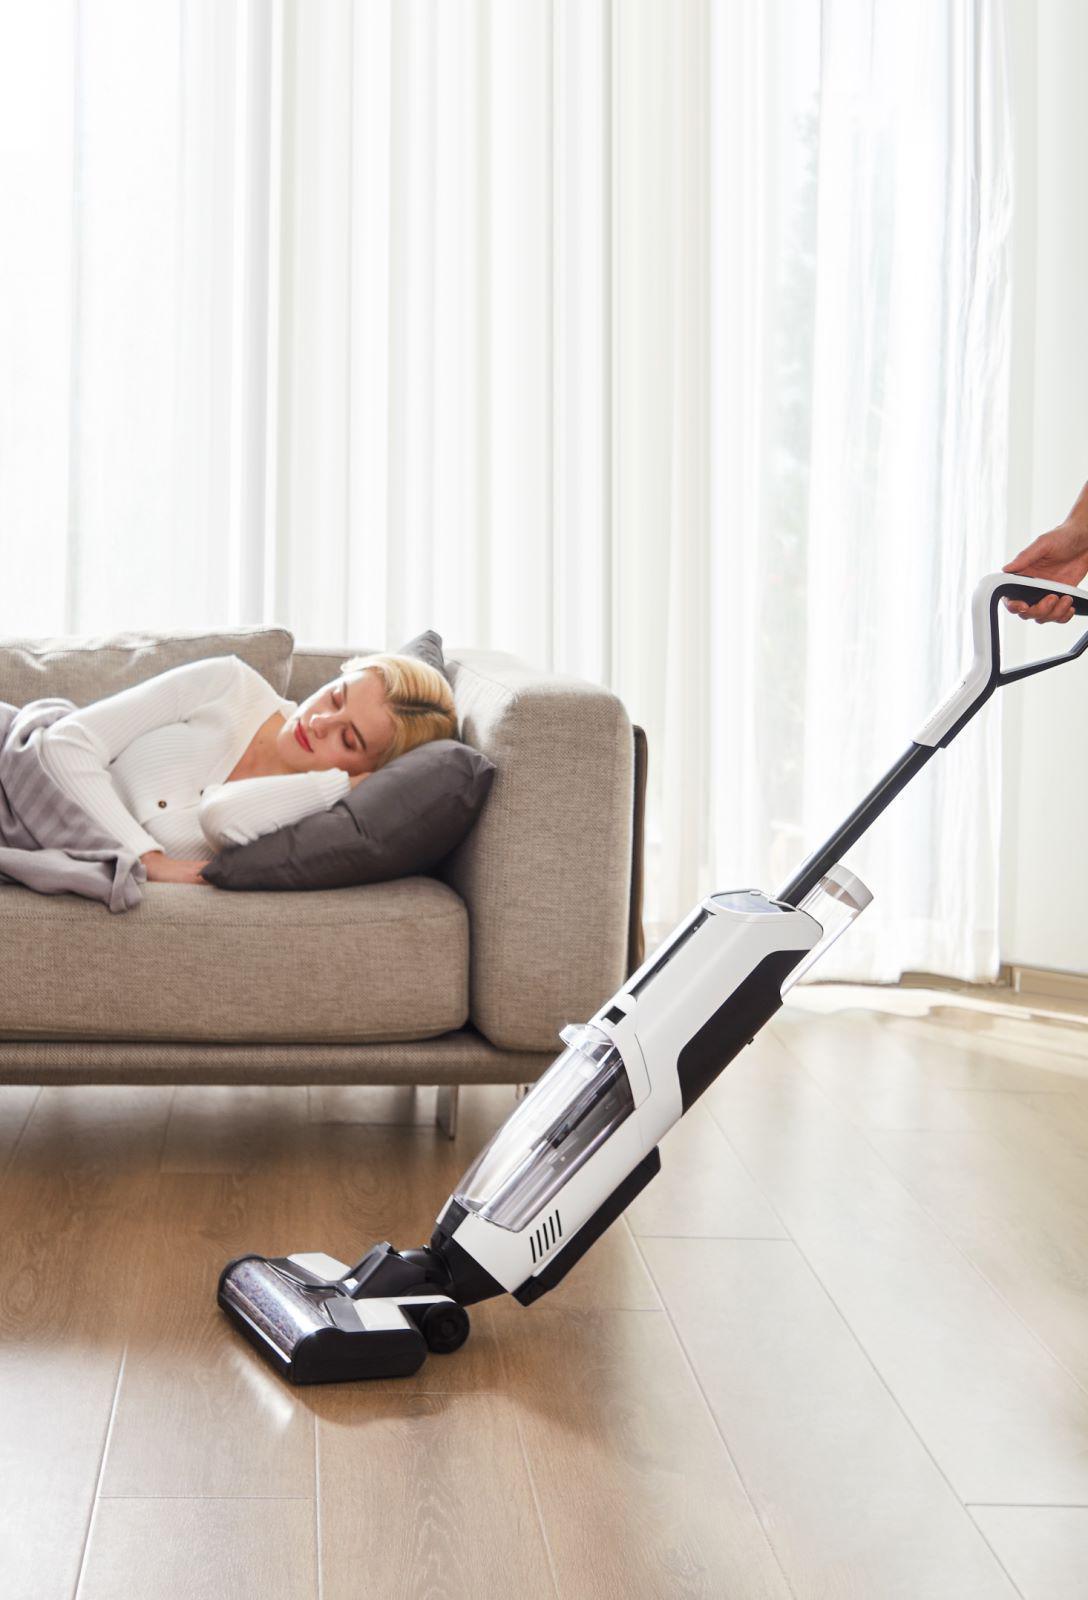 新锐品牌艾迪宝 加速洗地机市场发展